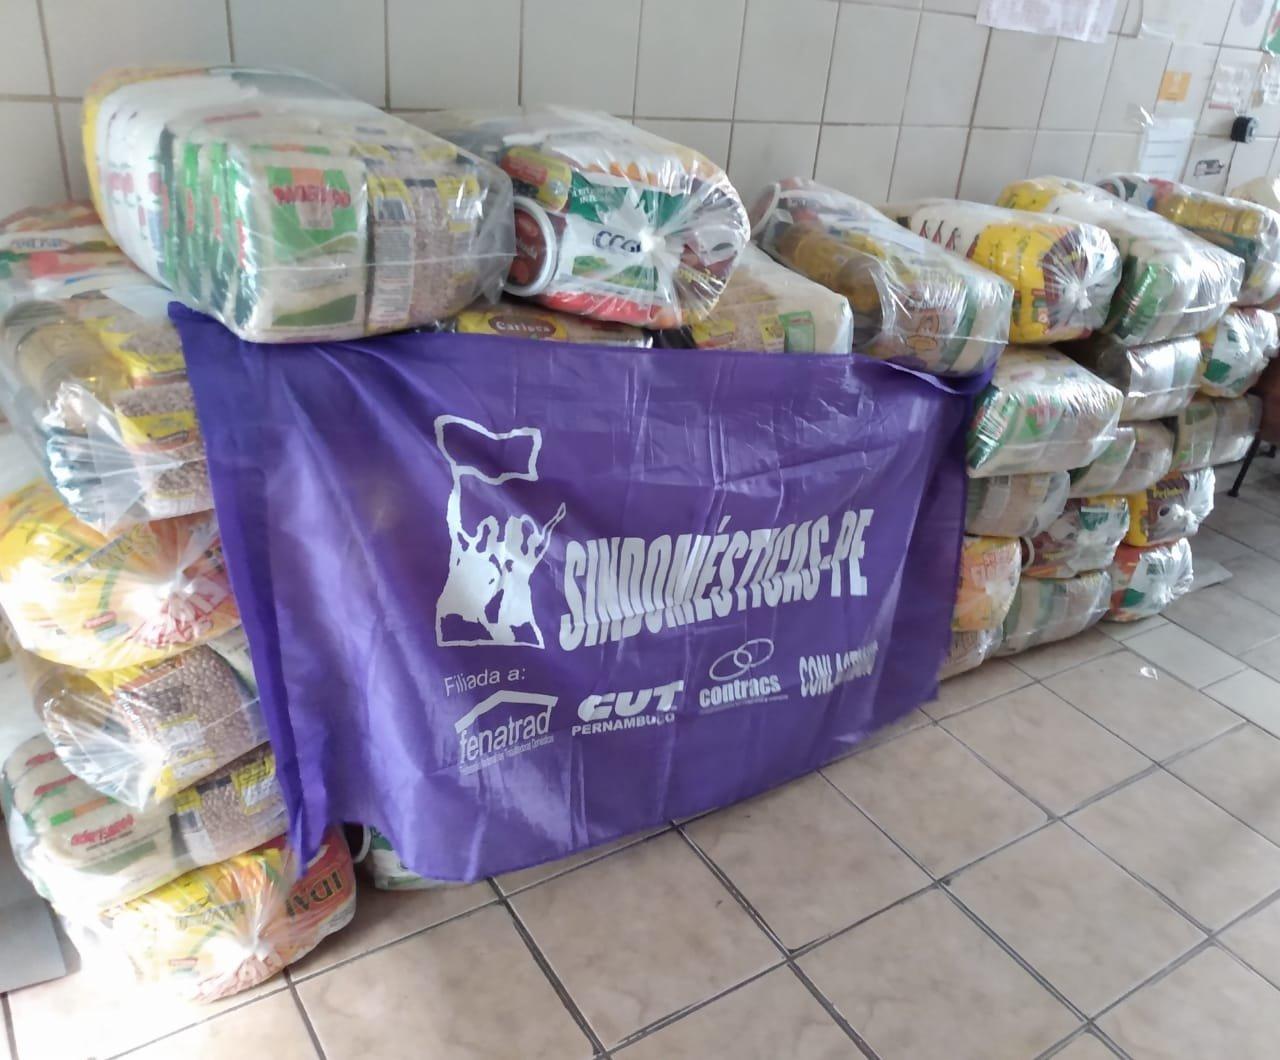 Trabalhadoras domésticas recebem doações de cestas básicas